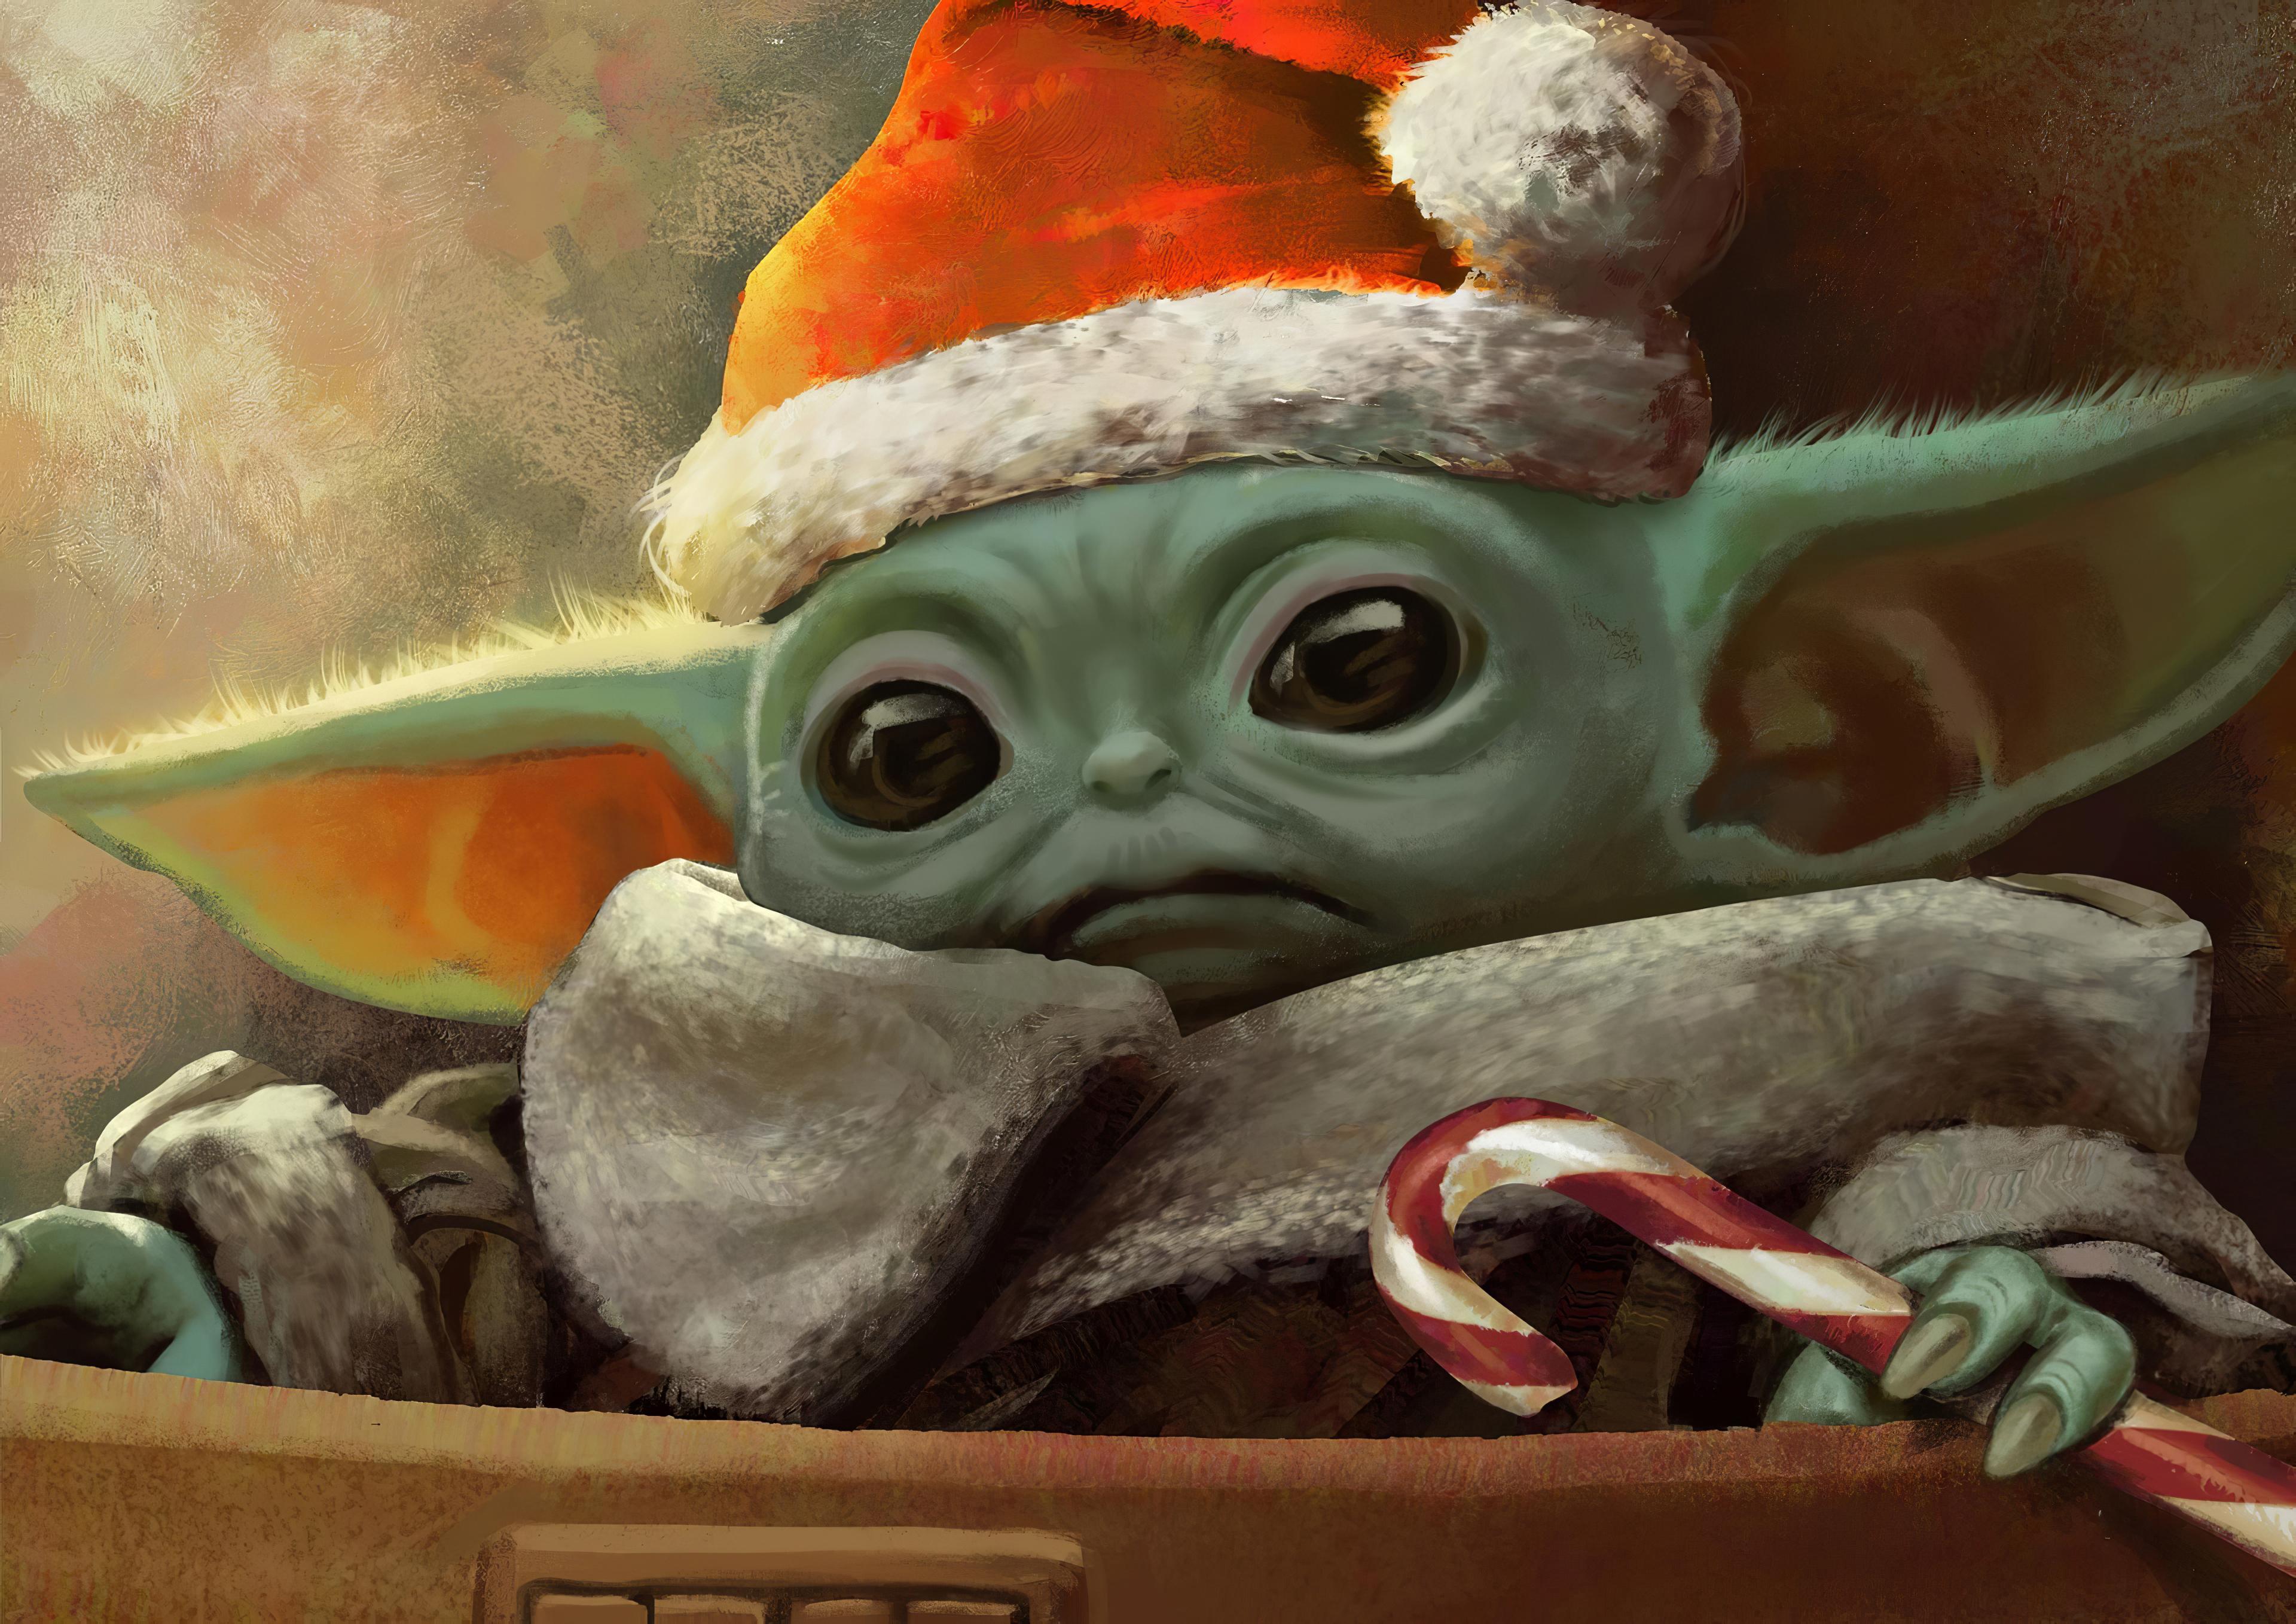 baby yoda x mas theme 1580056499 - Baby Yoda X Mas Theme - Baby Yoda X Mas Theme wallpapers, Baby Yoda X Mas Theme 4k wallpapers